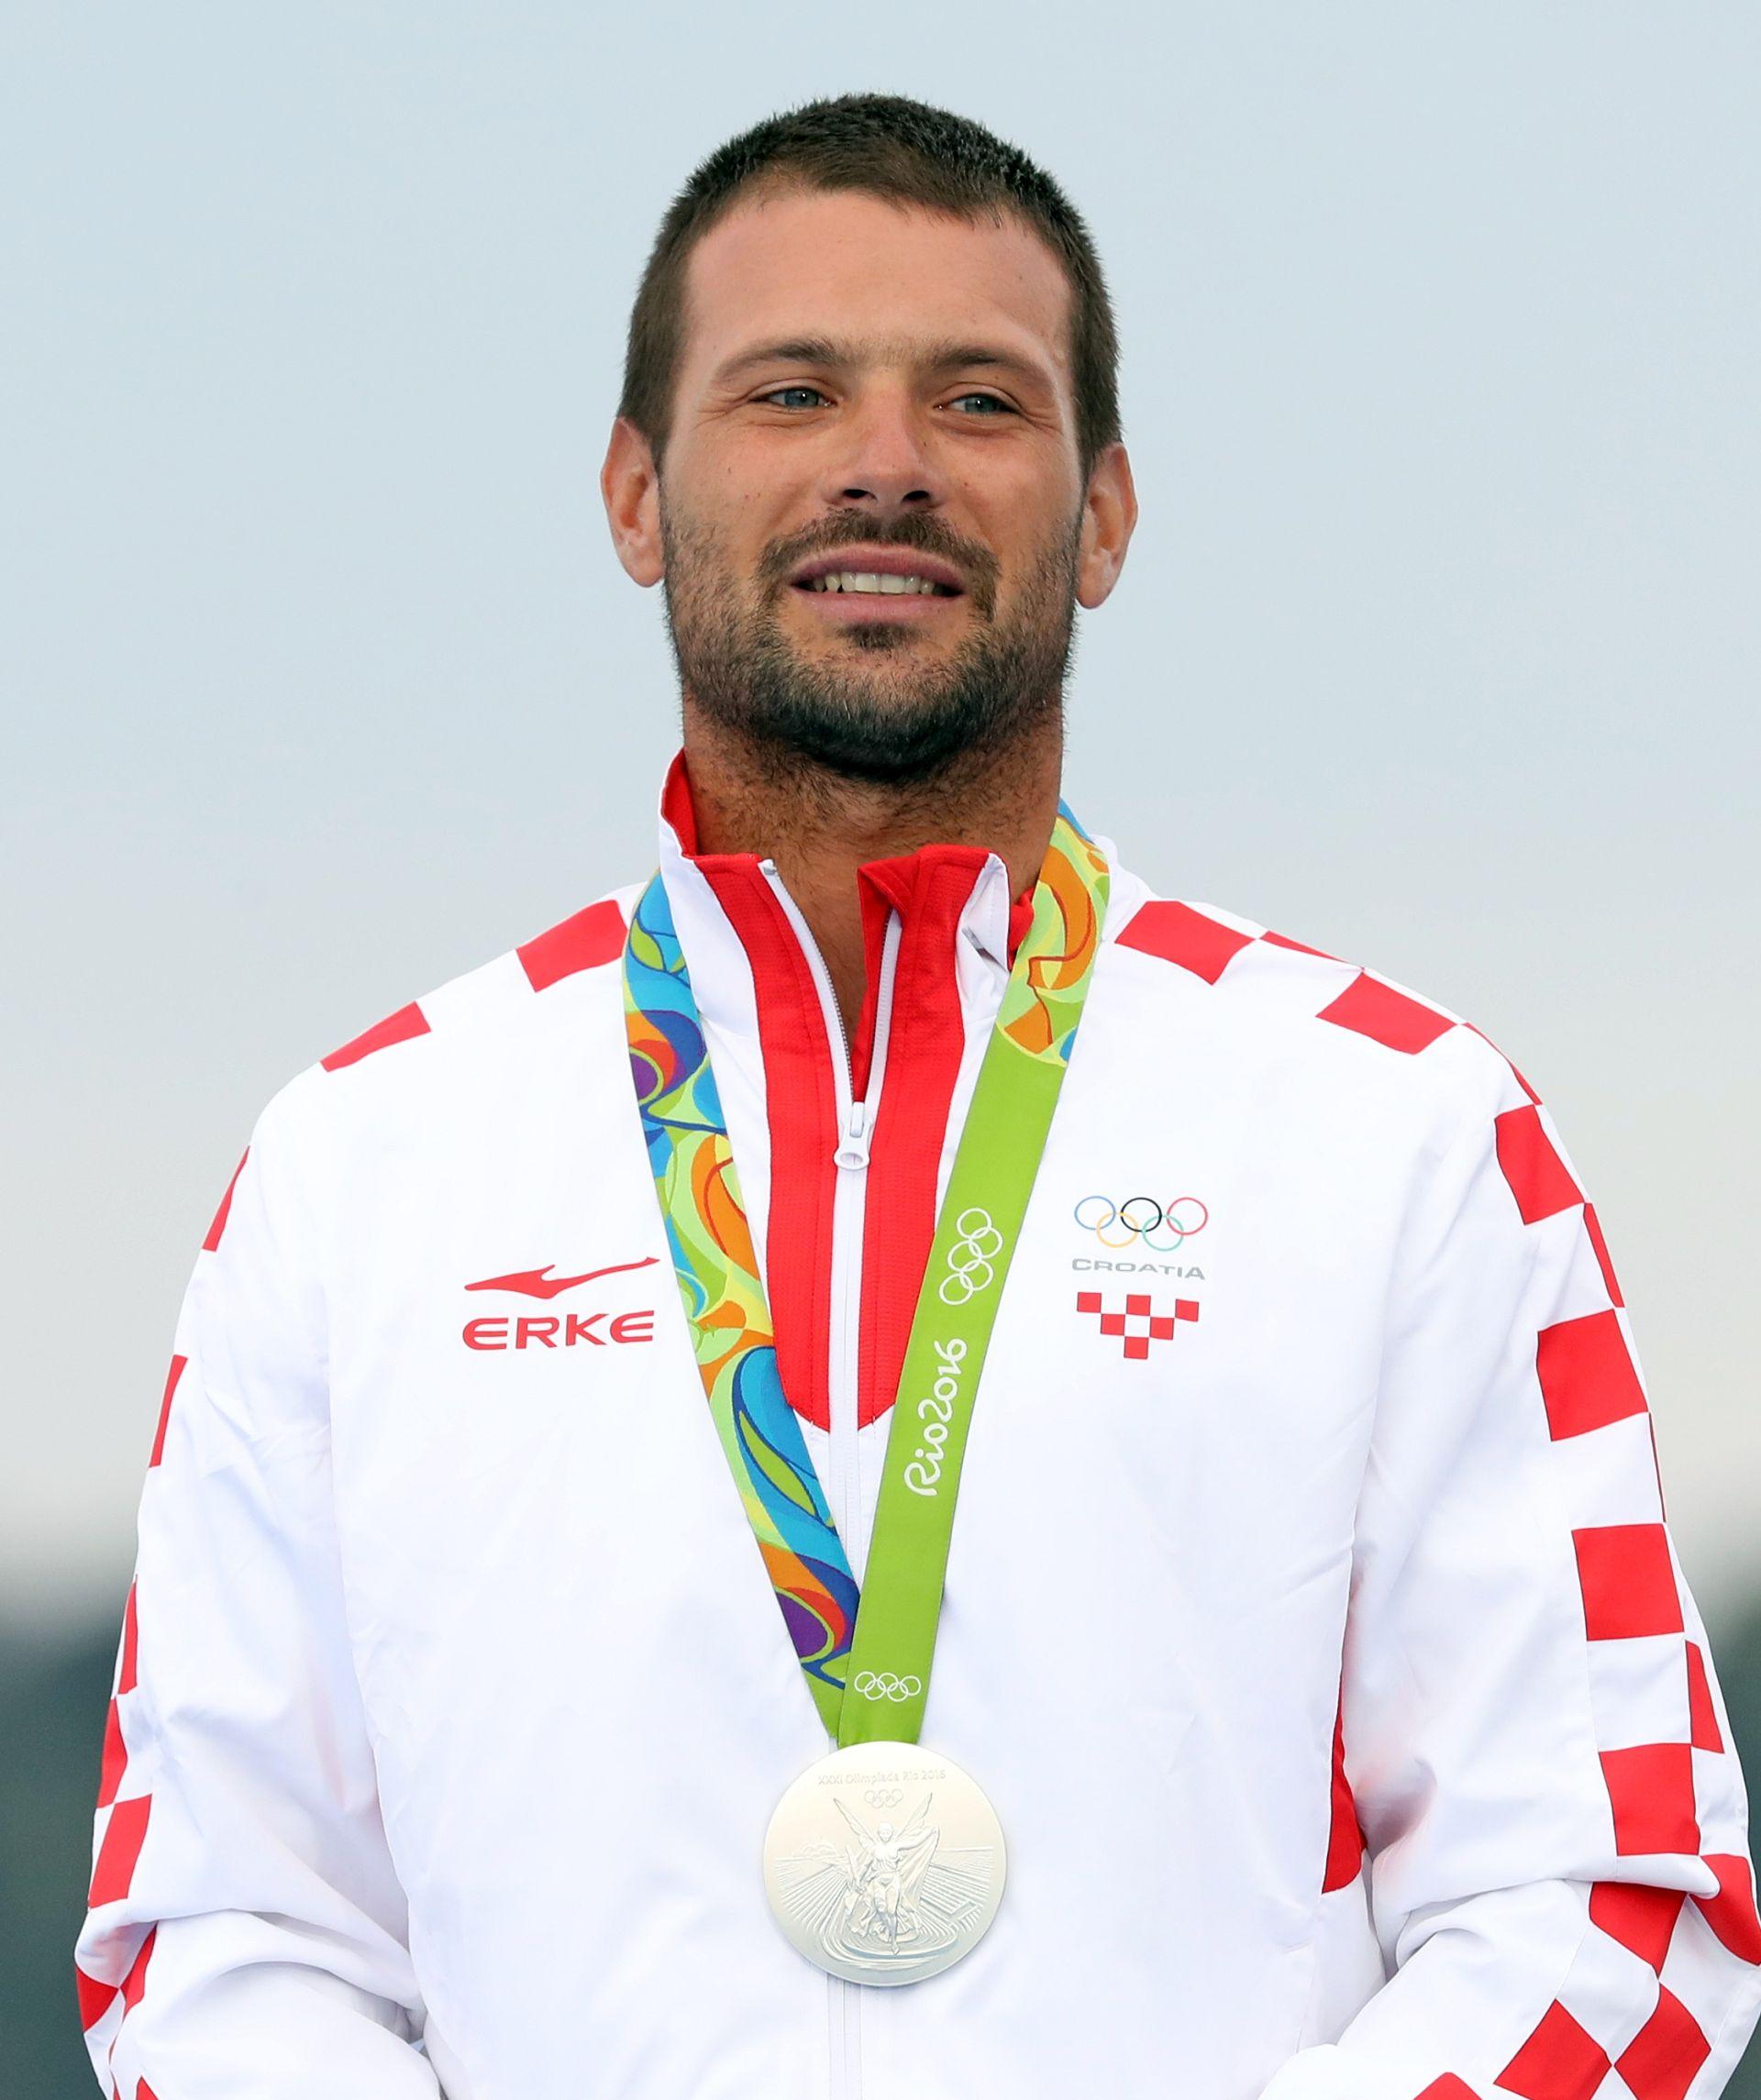 Splitskim olimpijcima brončani grbovi grada